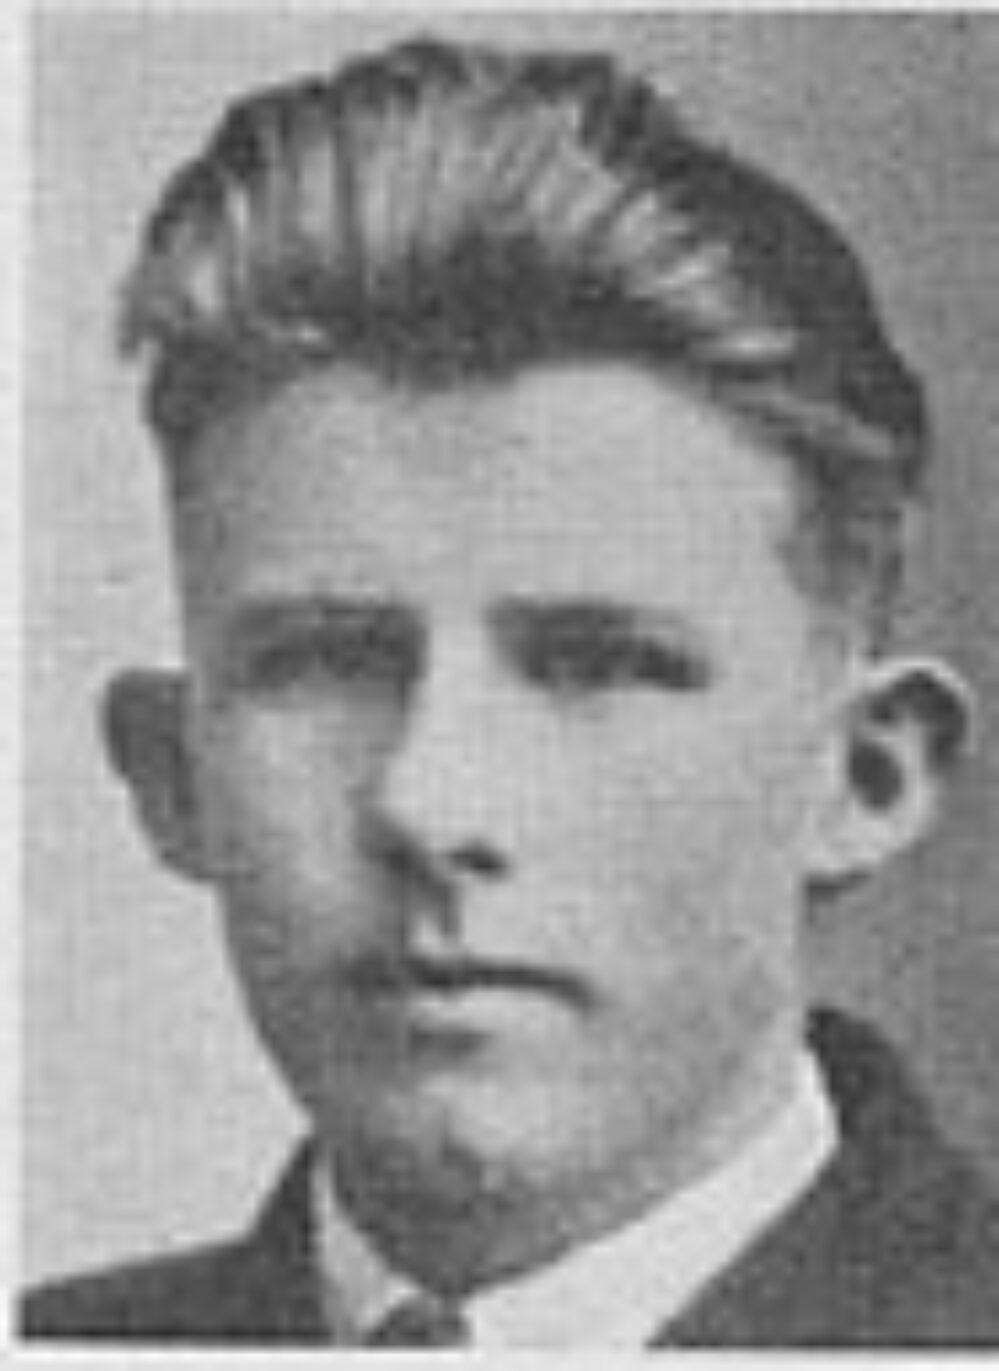 Harry Anker Olsen